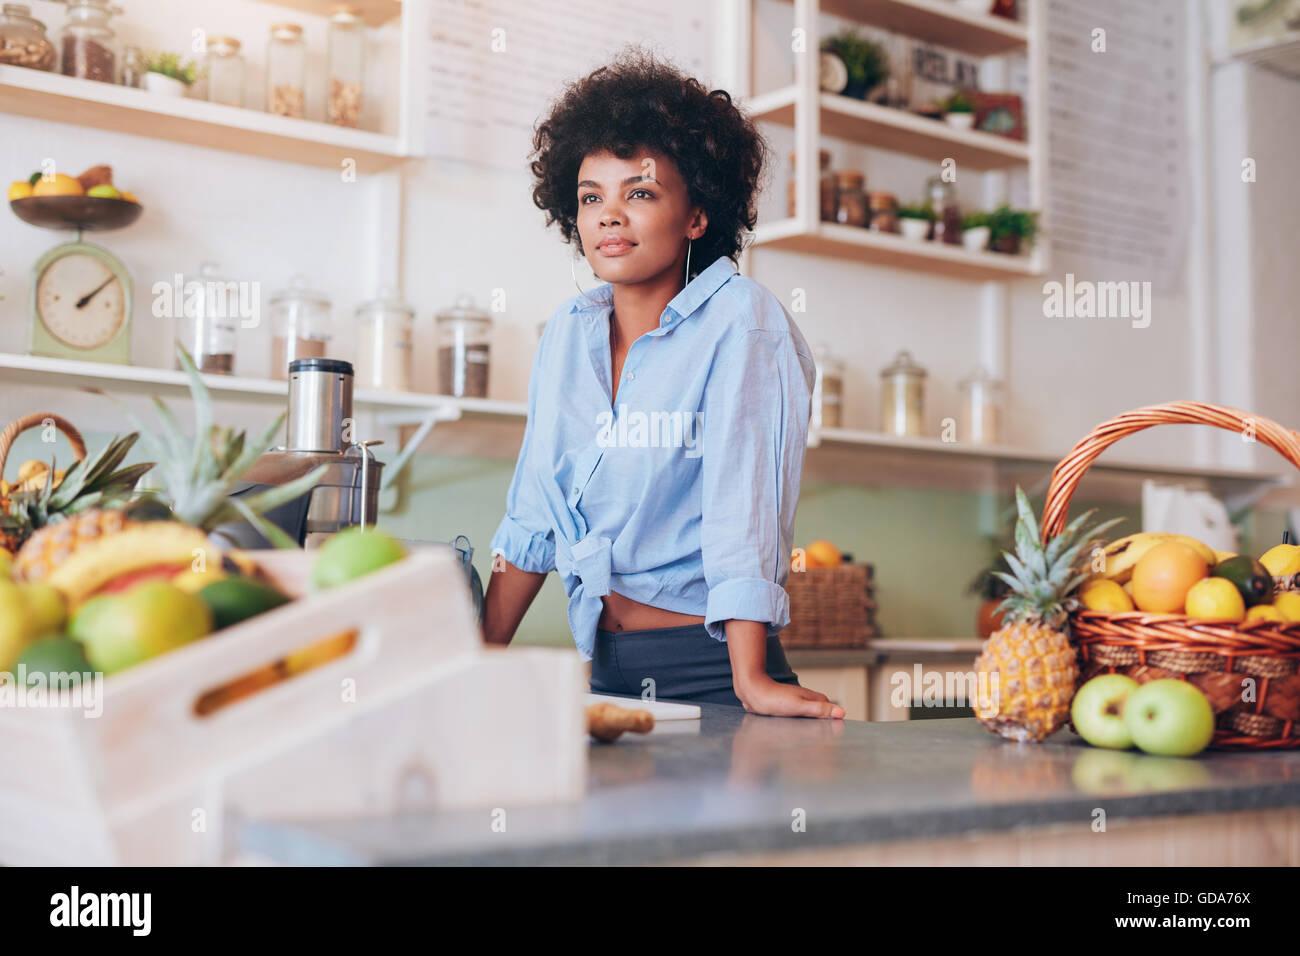 Porträt der attraktive junge Frau am Tresen Saft stehen. Afrikanische Arbeitnehmerin bei Saftbar wegsehen. Stockfoto